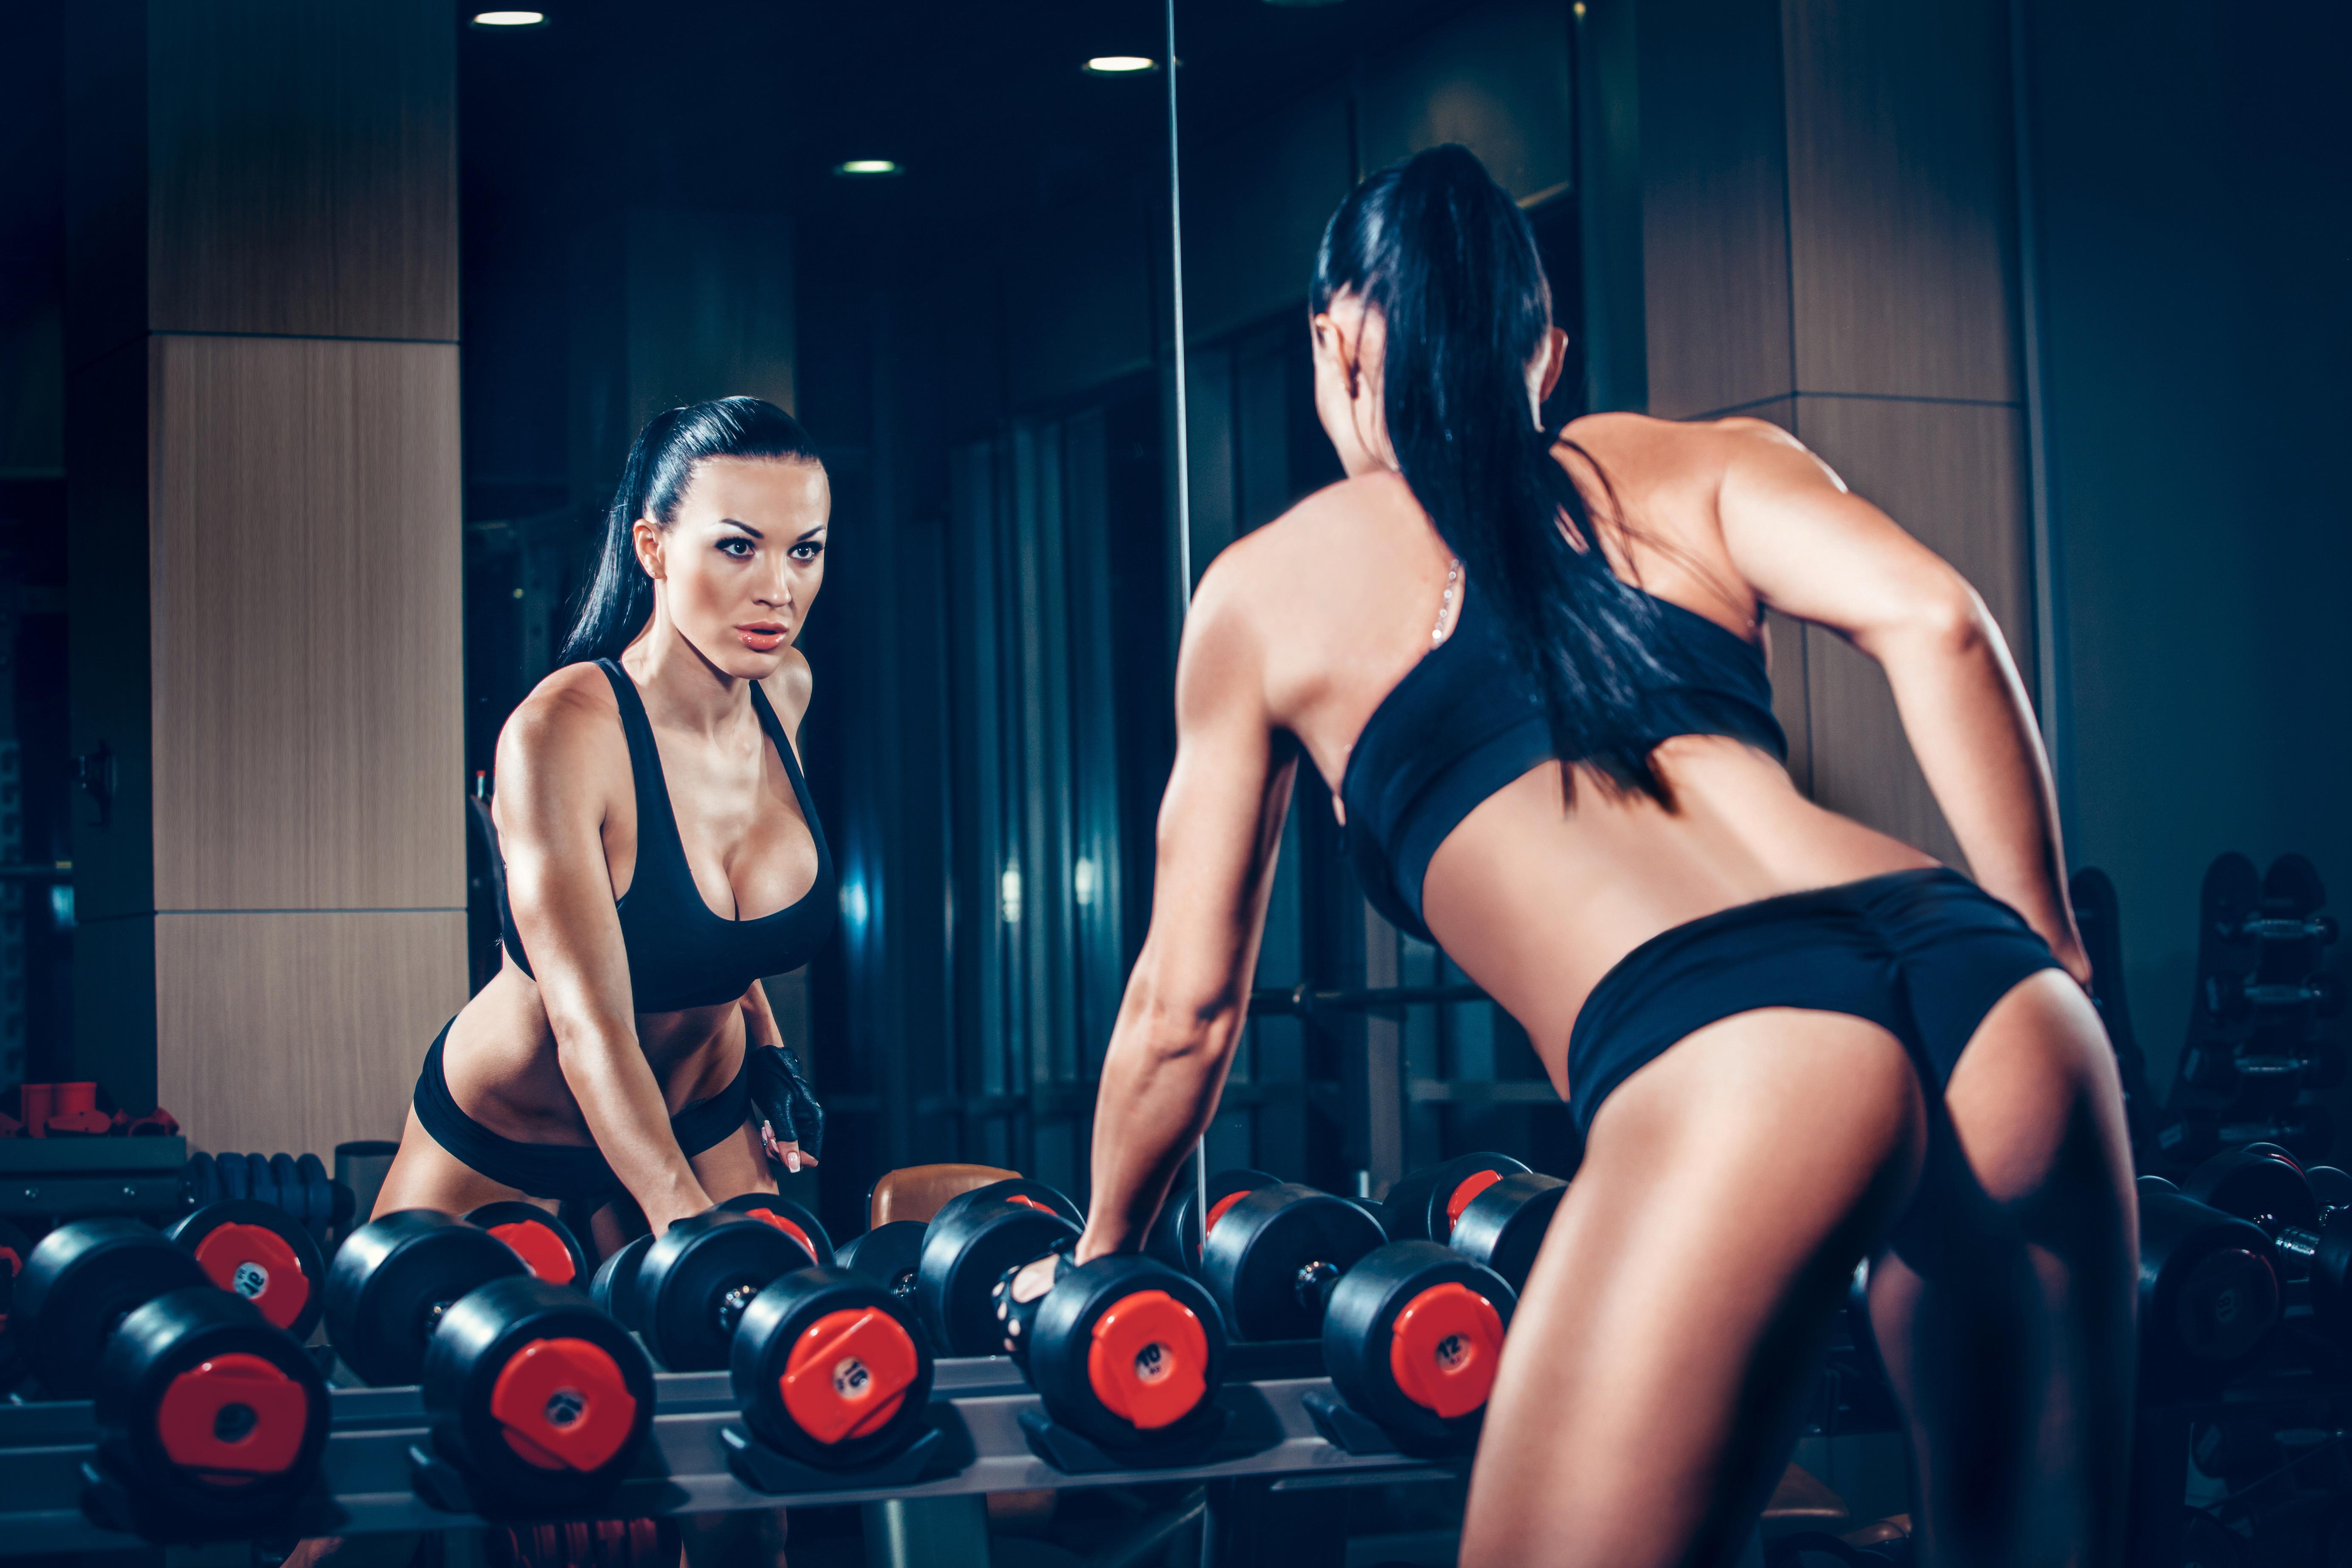 Сексуальный фитнес клуб, Подтянутые Девушки в Спортзале, Жесткий Трах 9 фотография